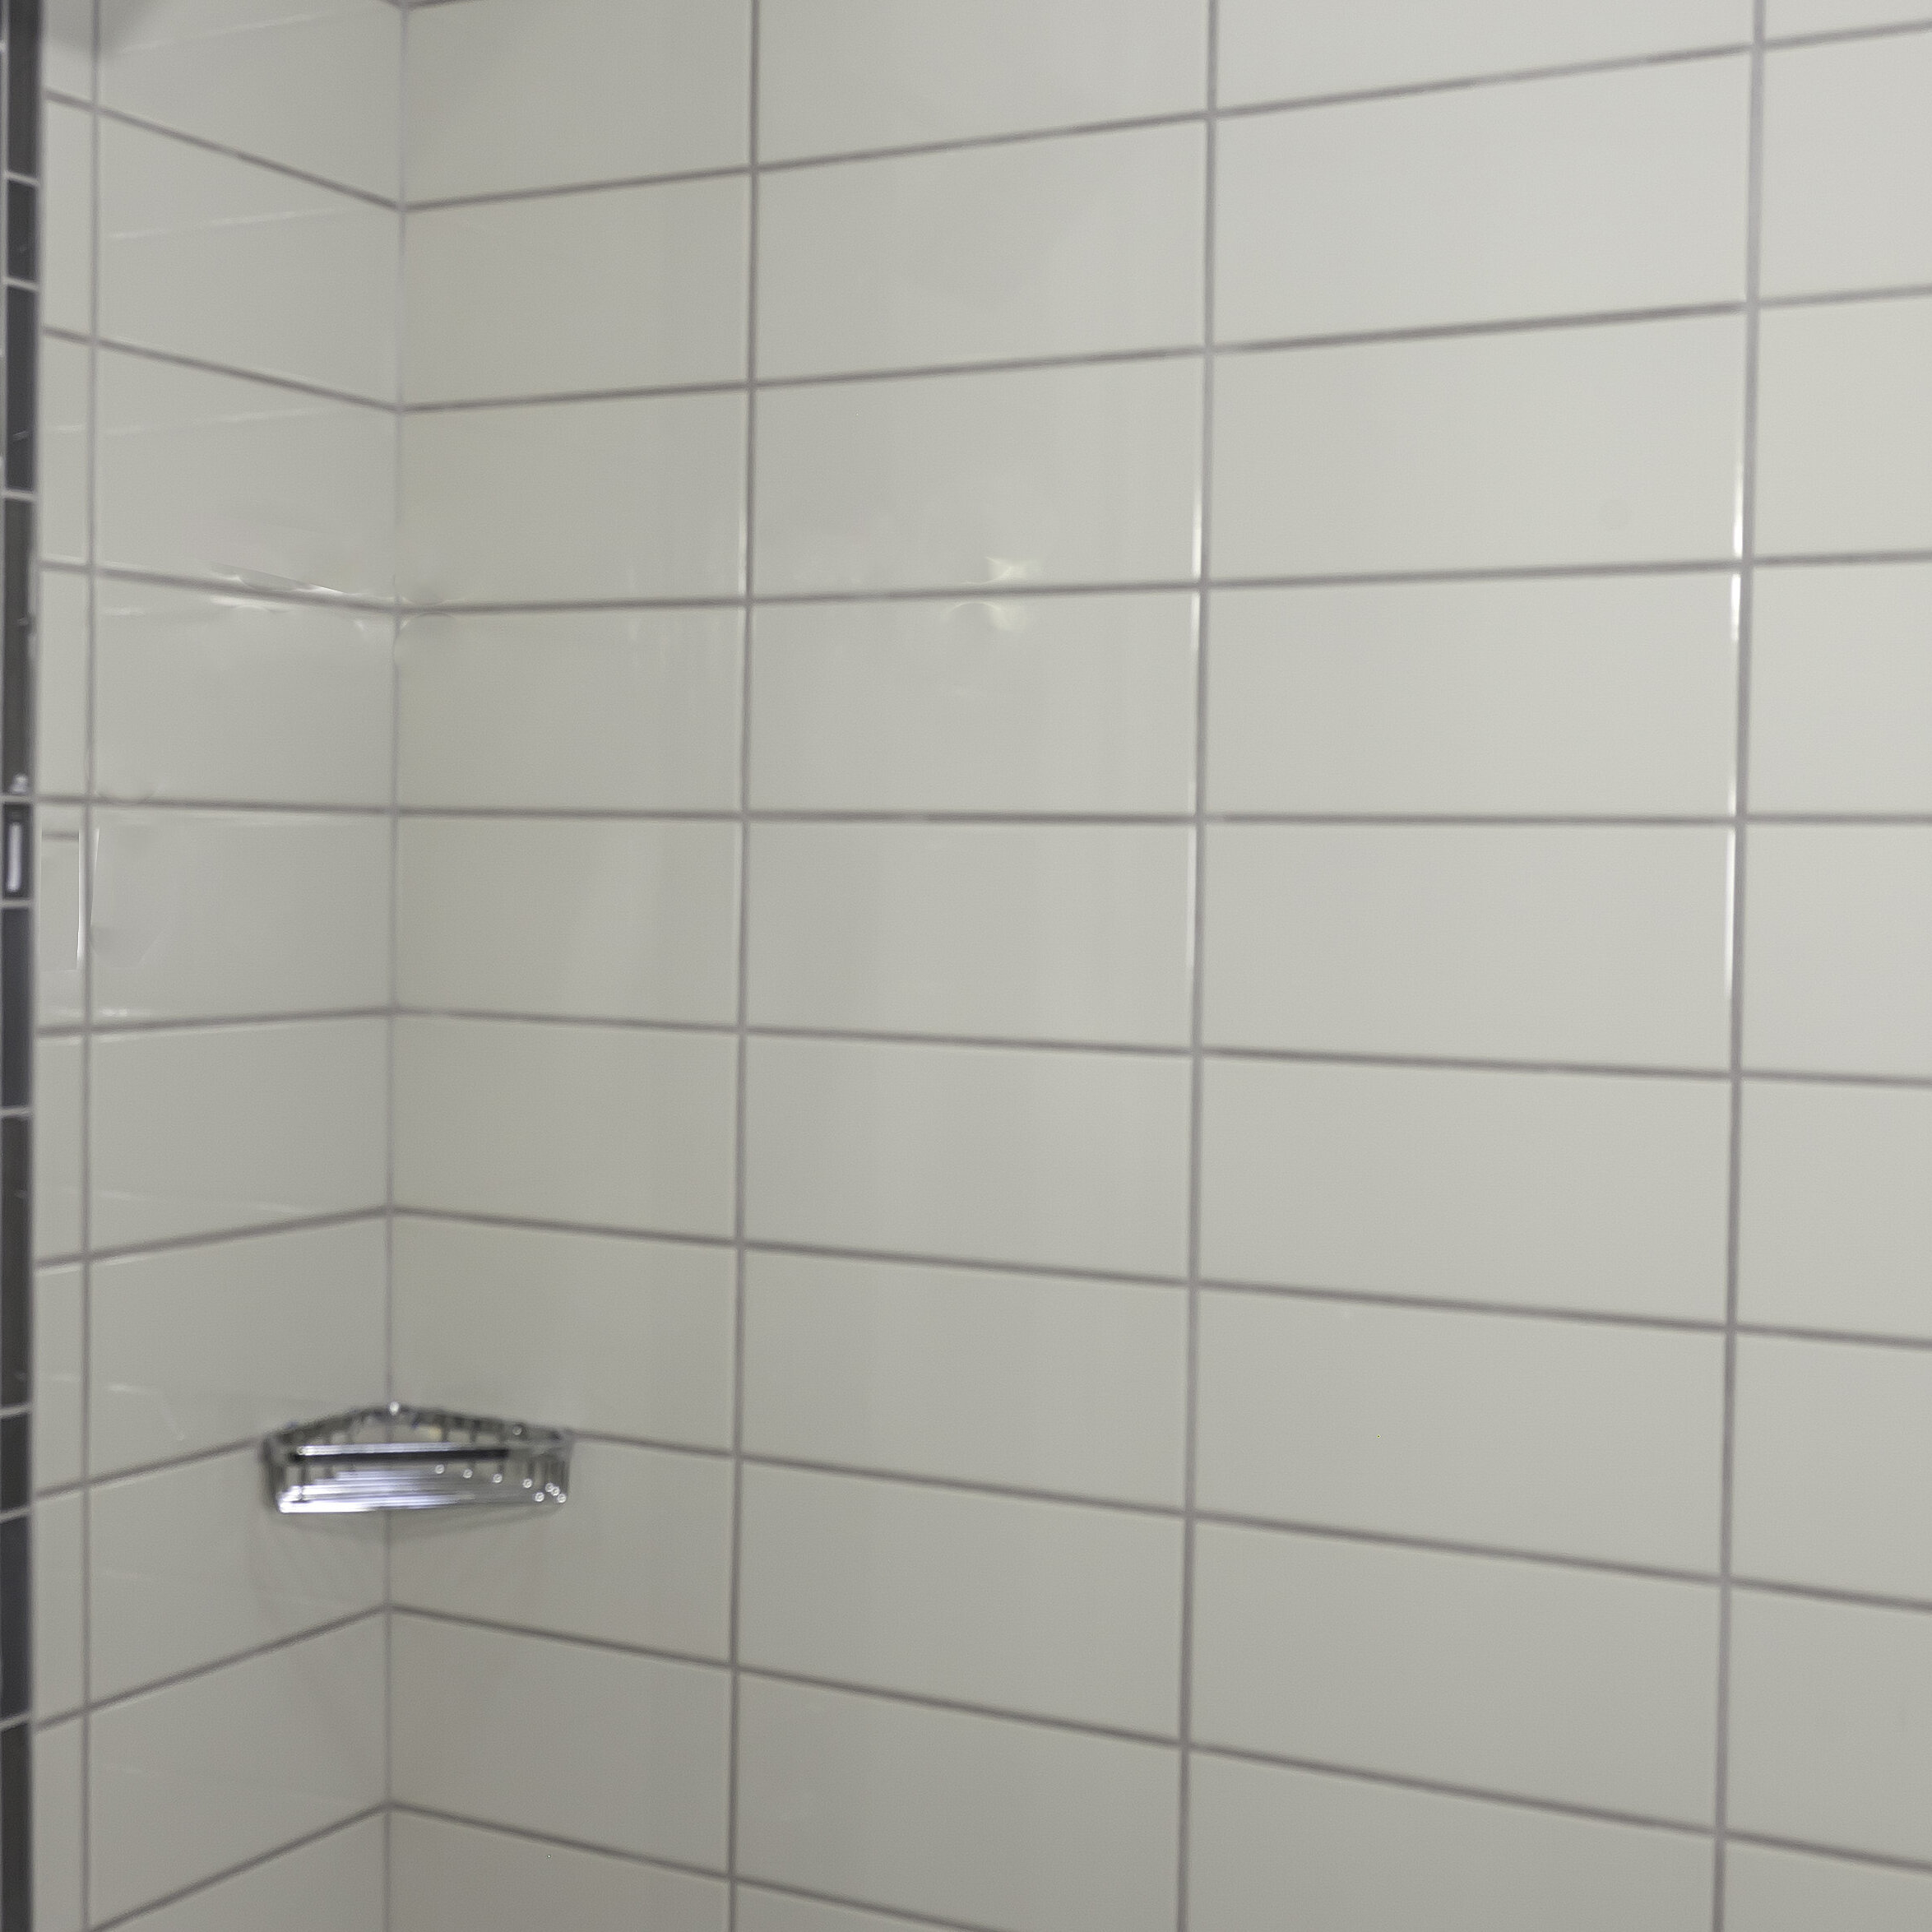 Emser tile semplice 6 x 1 ceramic quarter round beak tile trim in emser tile semplice 6 x 1 ceramic quarter round beak tile trim in matte biscuit wayfair dailygadgetfo Images